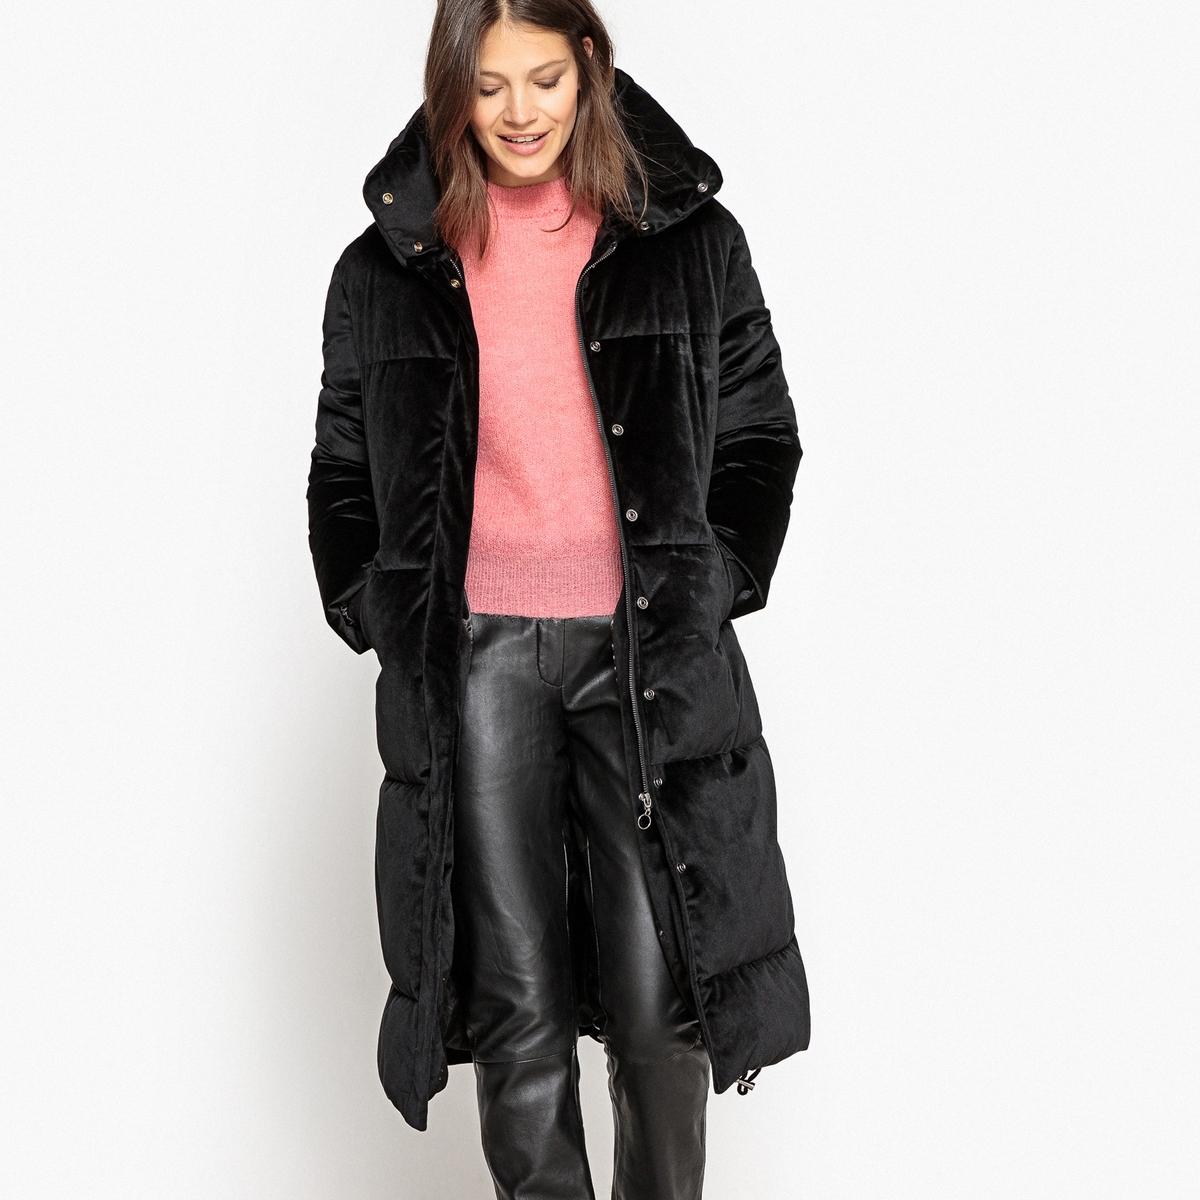 Куртка велюровая длиннаяОписание:Этой зимой велюр снова в моде . Вам будет приятно укутаться в эту стеганую куртку из велюра. Стильная куртка, которая вам сразу придется по вкусу !Детали •  Длина  : удлиненная модель •  Воротник-стойка •  Застежка на молниюСостав и уход •  100% полиэстер •  Подкладка : 100% полиэстер •  Наполнитель : 100% полиэстер •  Следуйте советам по уходу, указанным на этикетке •  Длина  : 110 см.<br><br>Цвет: черный<br>Размер: 34 (FR) - 40 (RUS).36 (FR) - 42 (RUS).48 (FR) - 54 (RUS).44 (FR) - 50 (RUS)